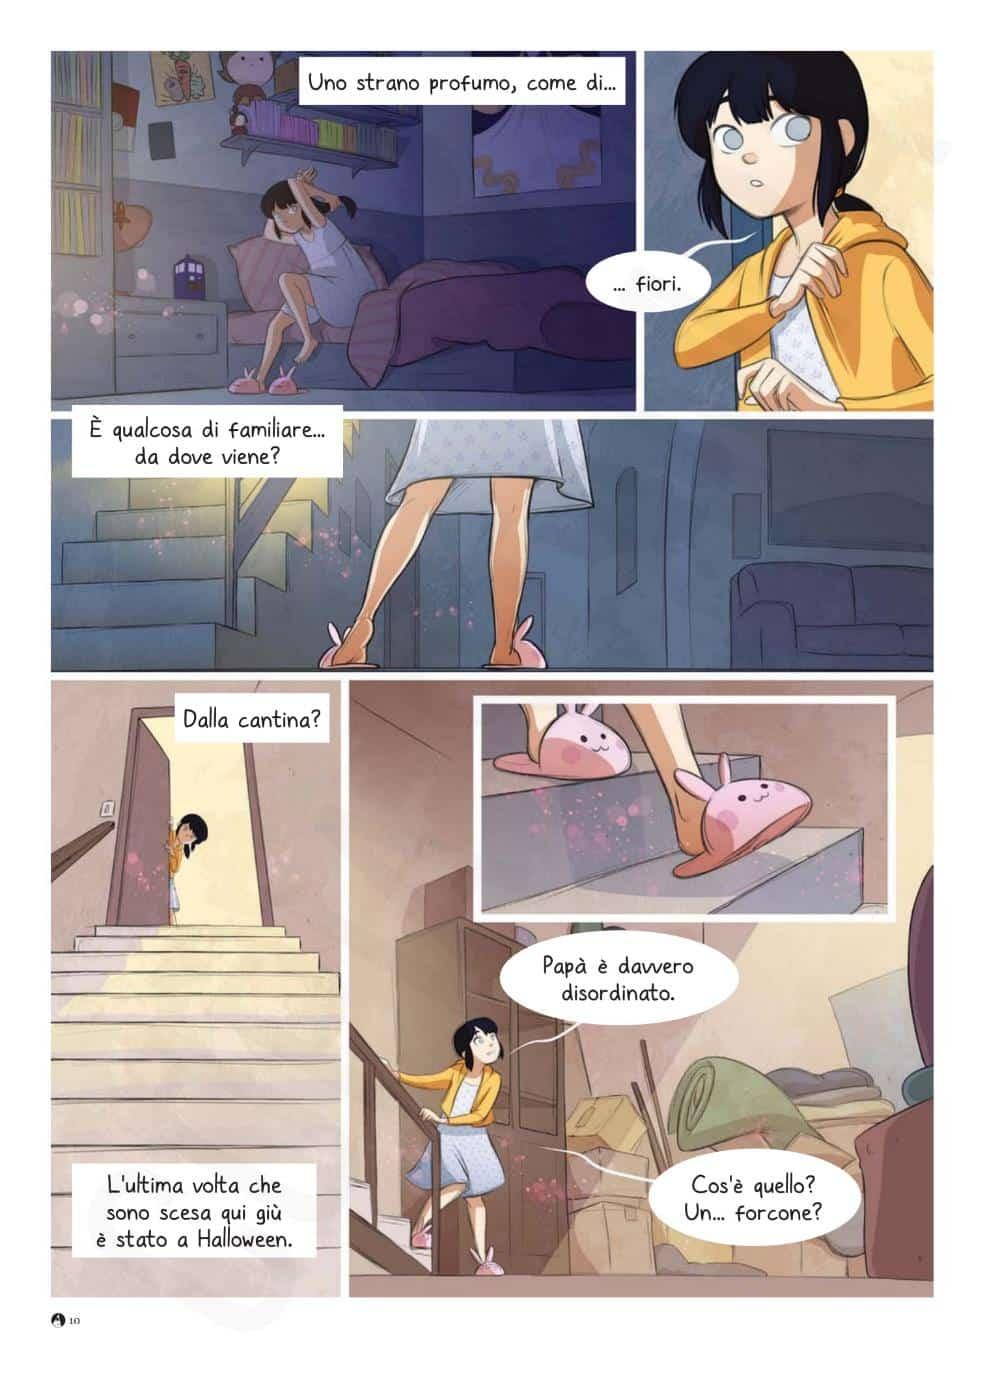 """Anteprima: """"Daisy"""" di Marco Barretta e Lorenza Di Sepio per Tunué_Anteprime"""